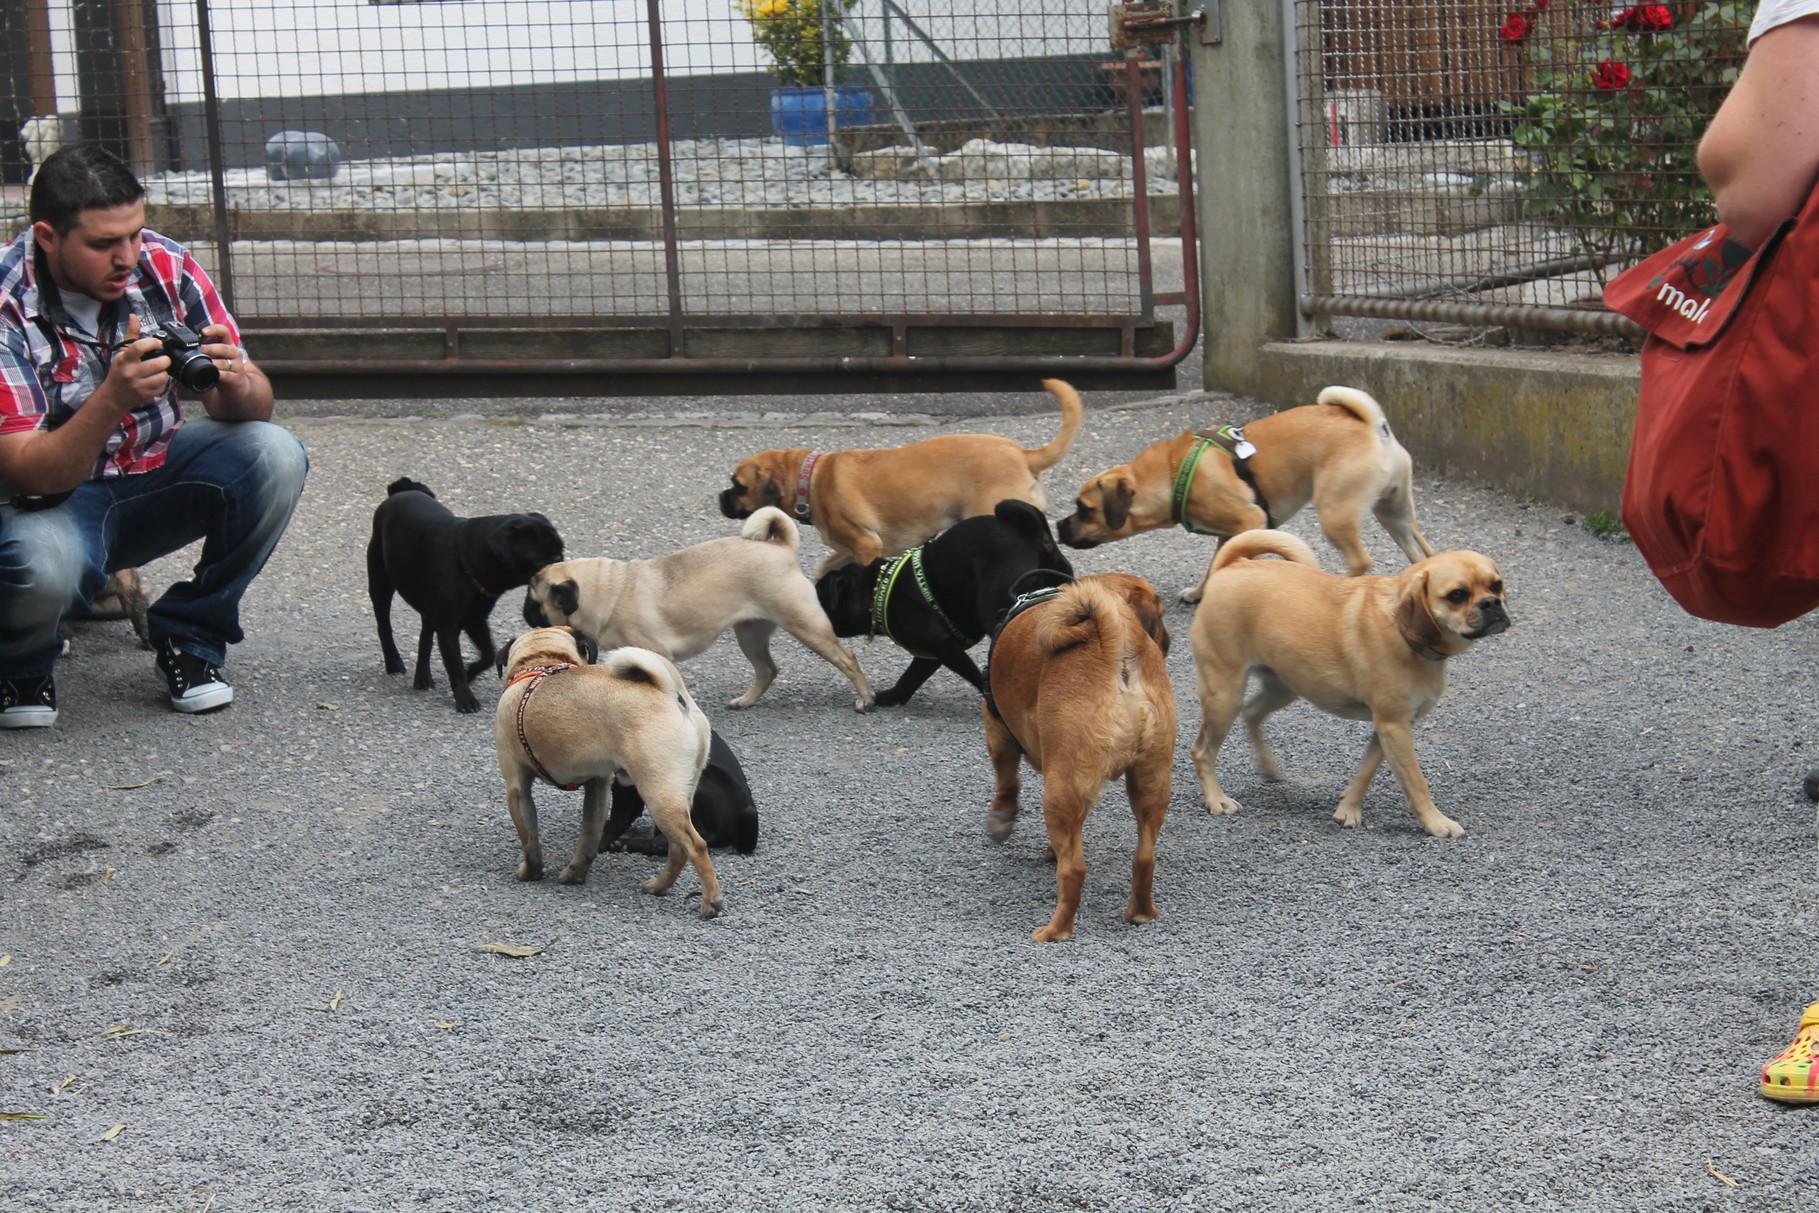 auch die Hunde begrüssen sich :-)